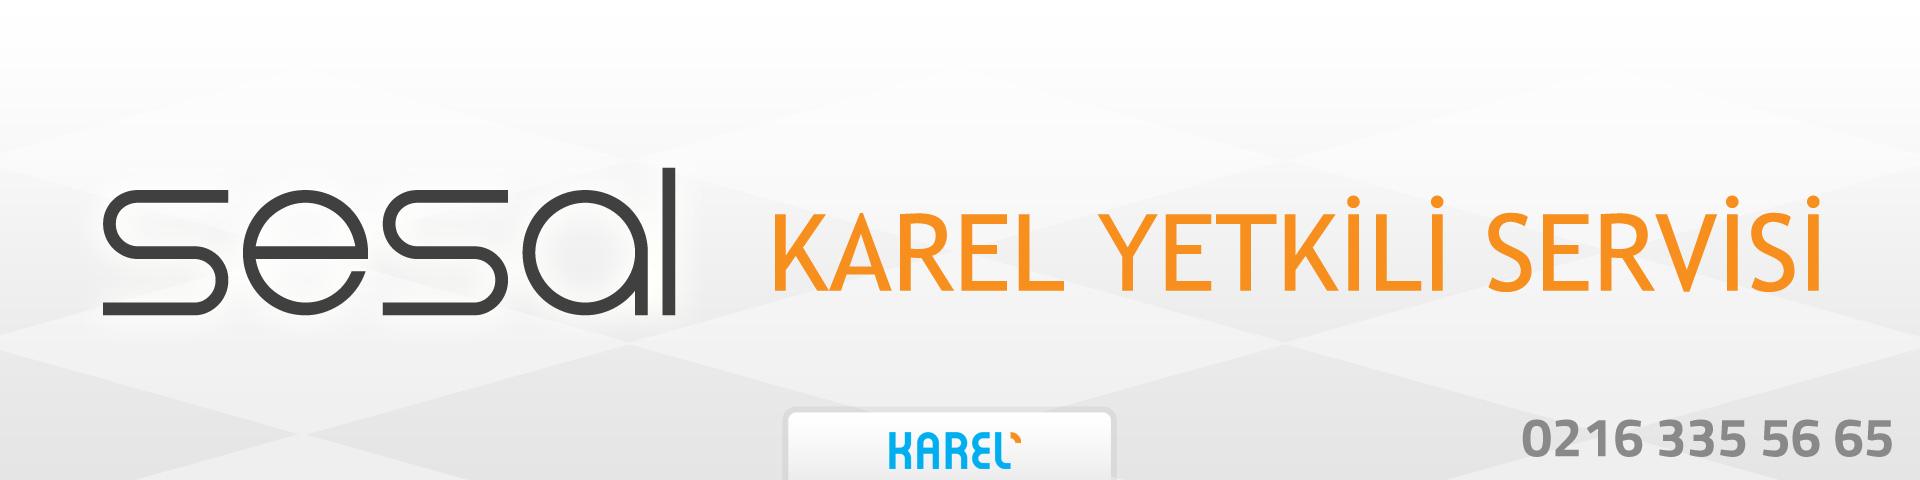 Karel Servis Slide 5